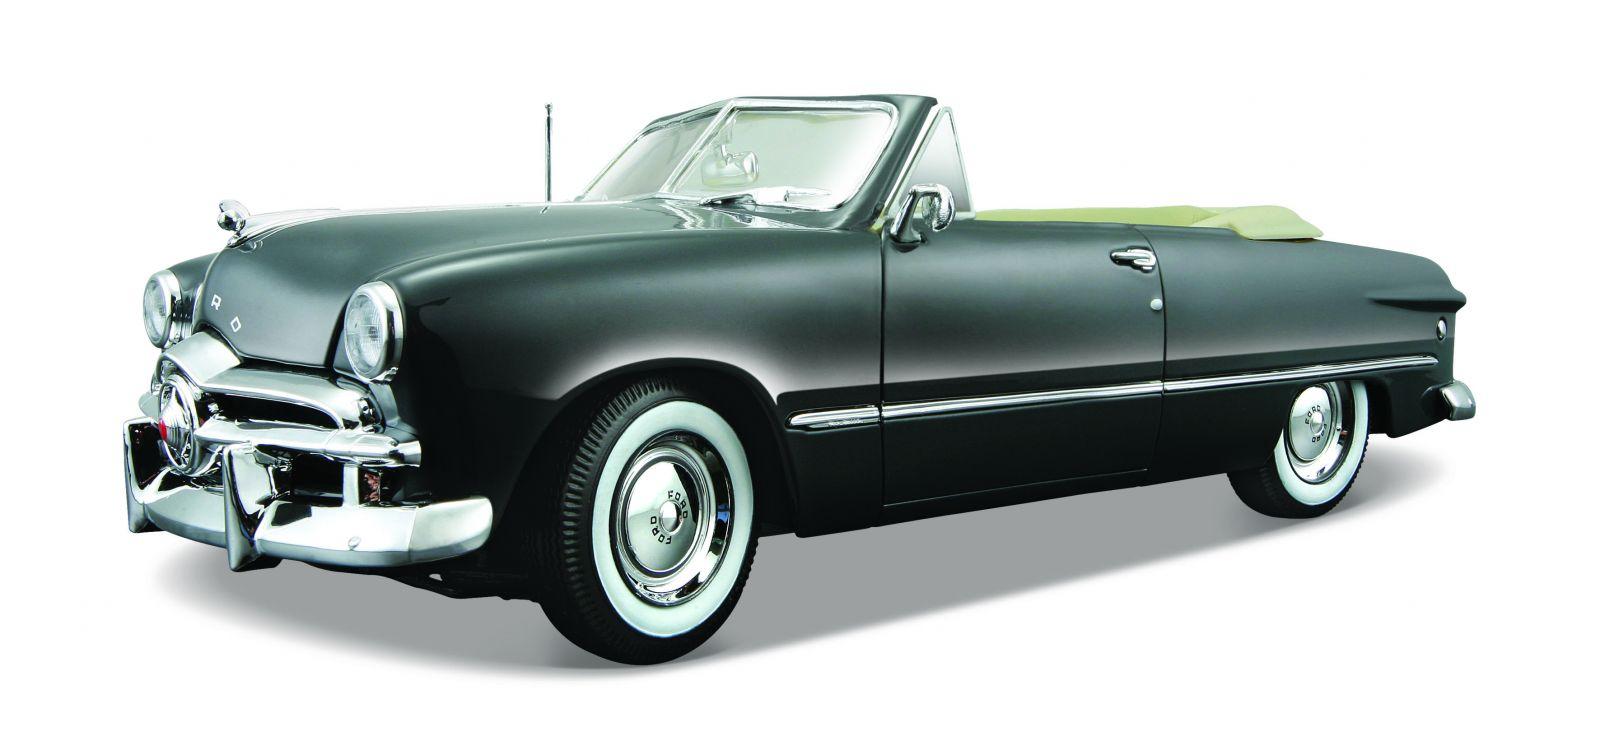 Maisto 1:18 Ford 1949 - šedá barva